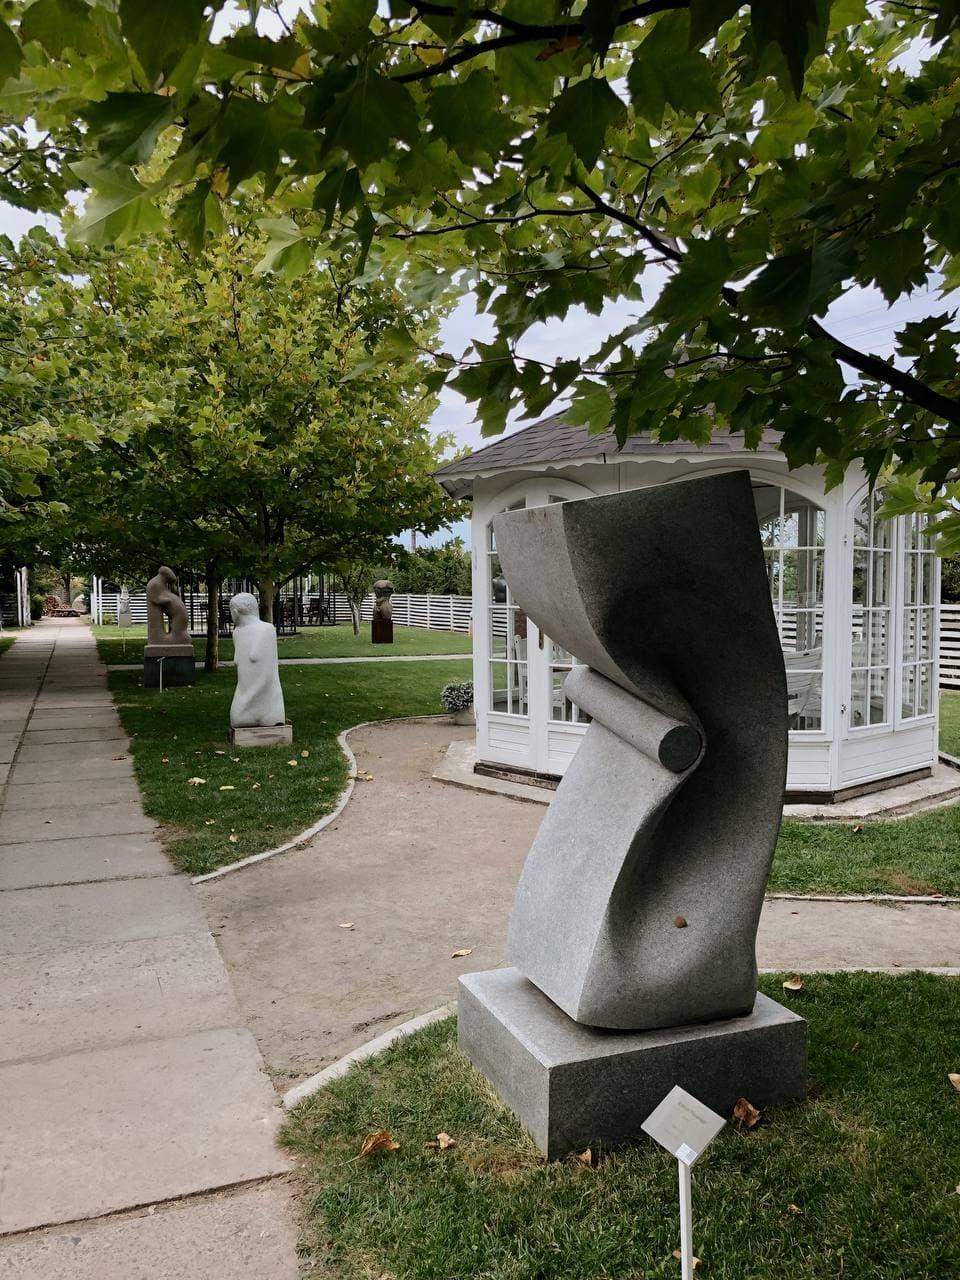 Днепр, горы и культура: почему стоит посетить скульптурный парке в Каневе - фото №4